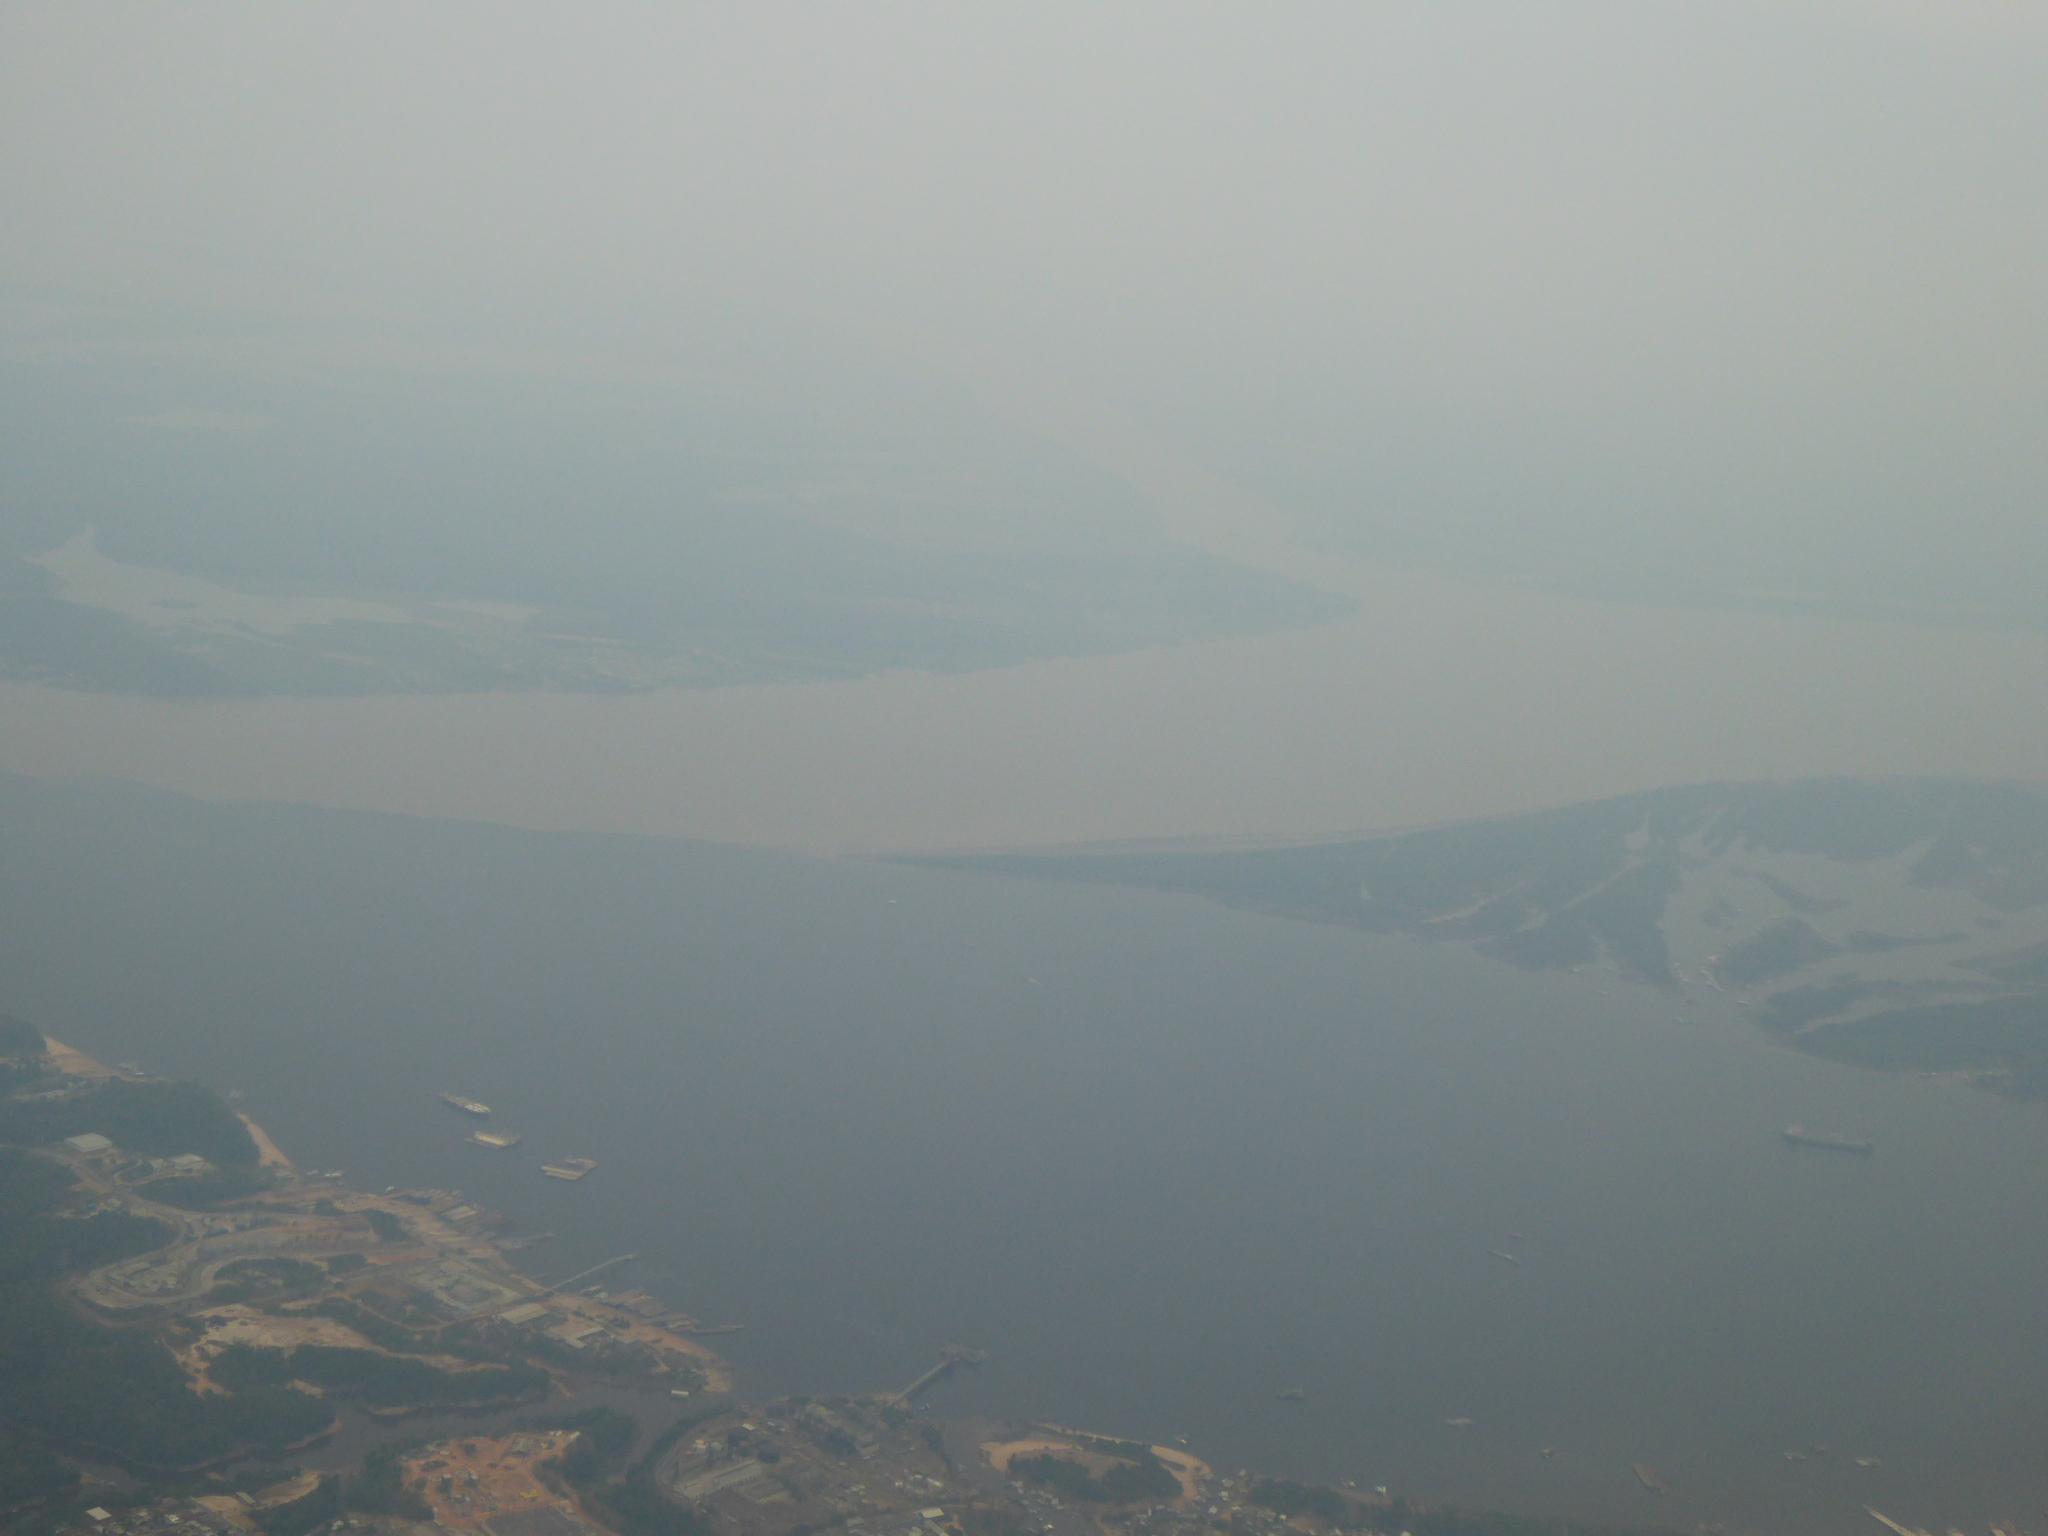 Das Treffen der beiden Flüsse aus der Luft gesehen